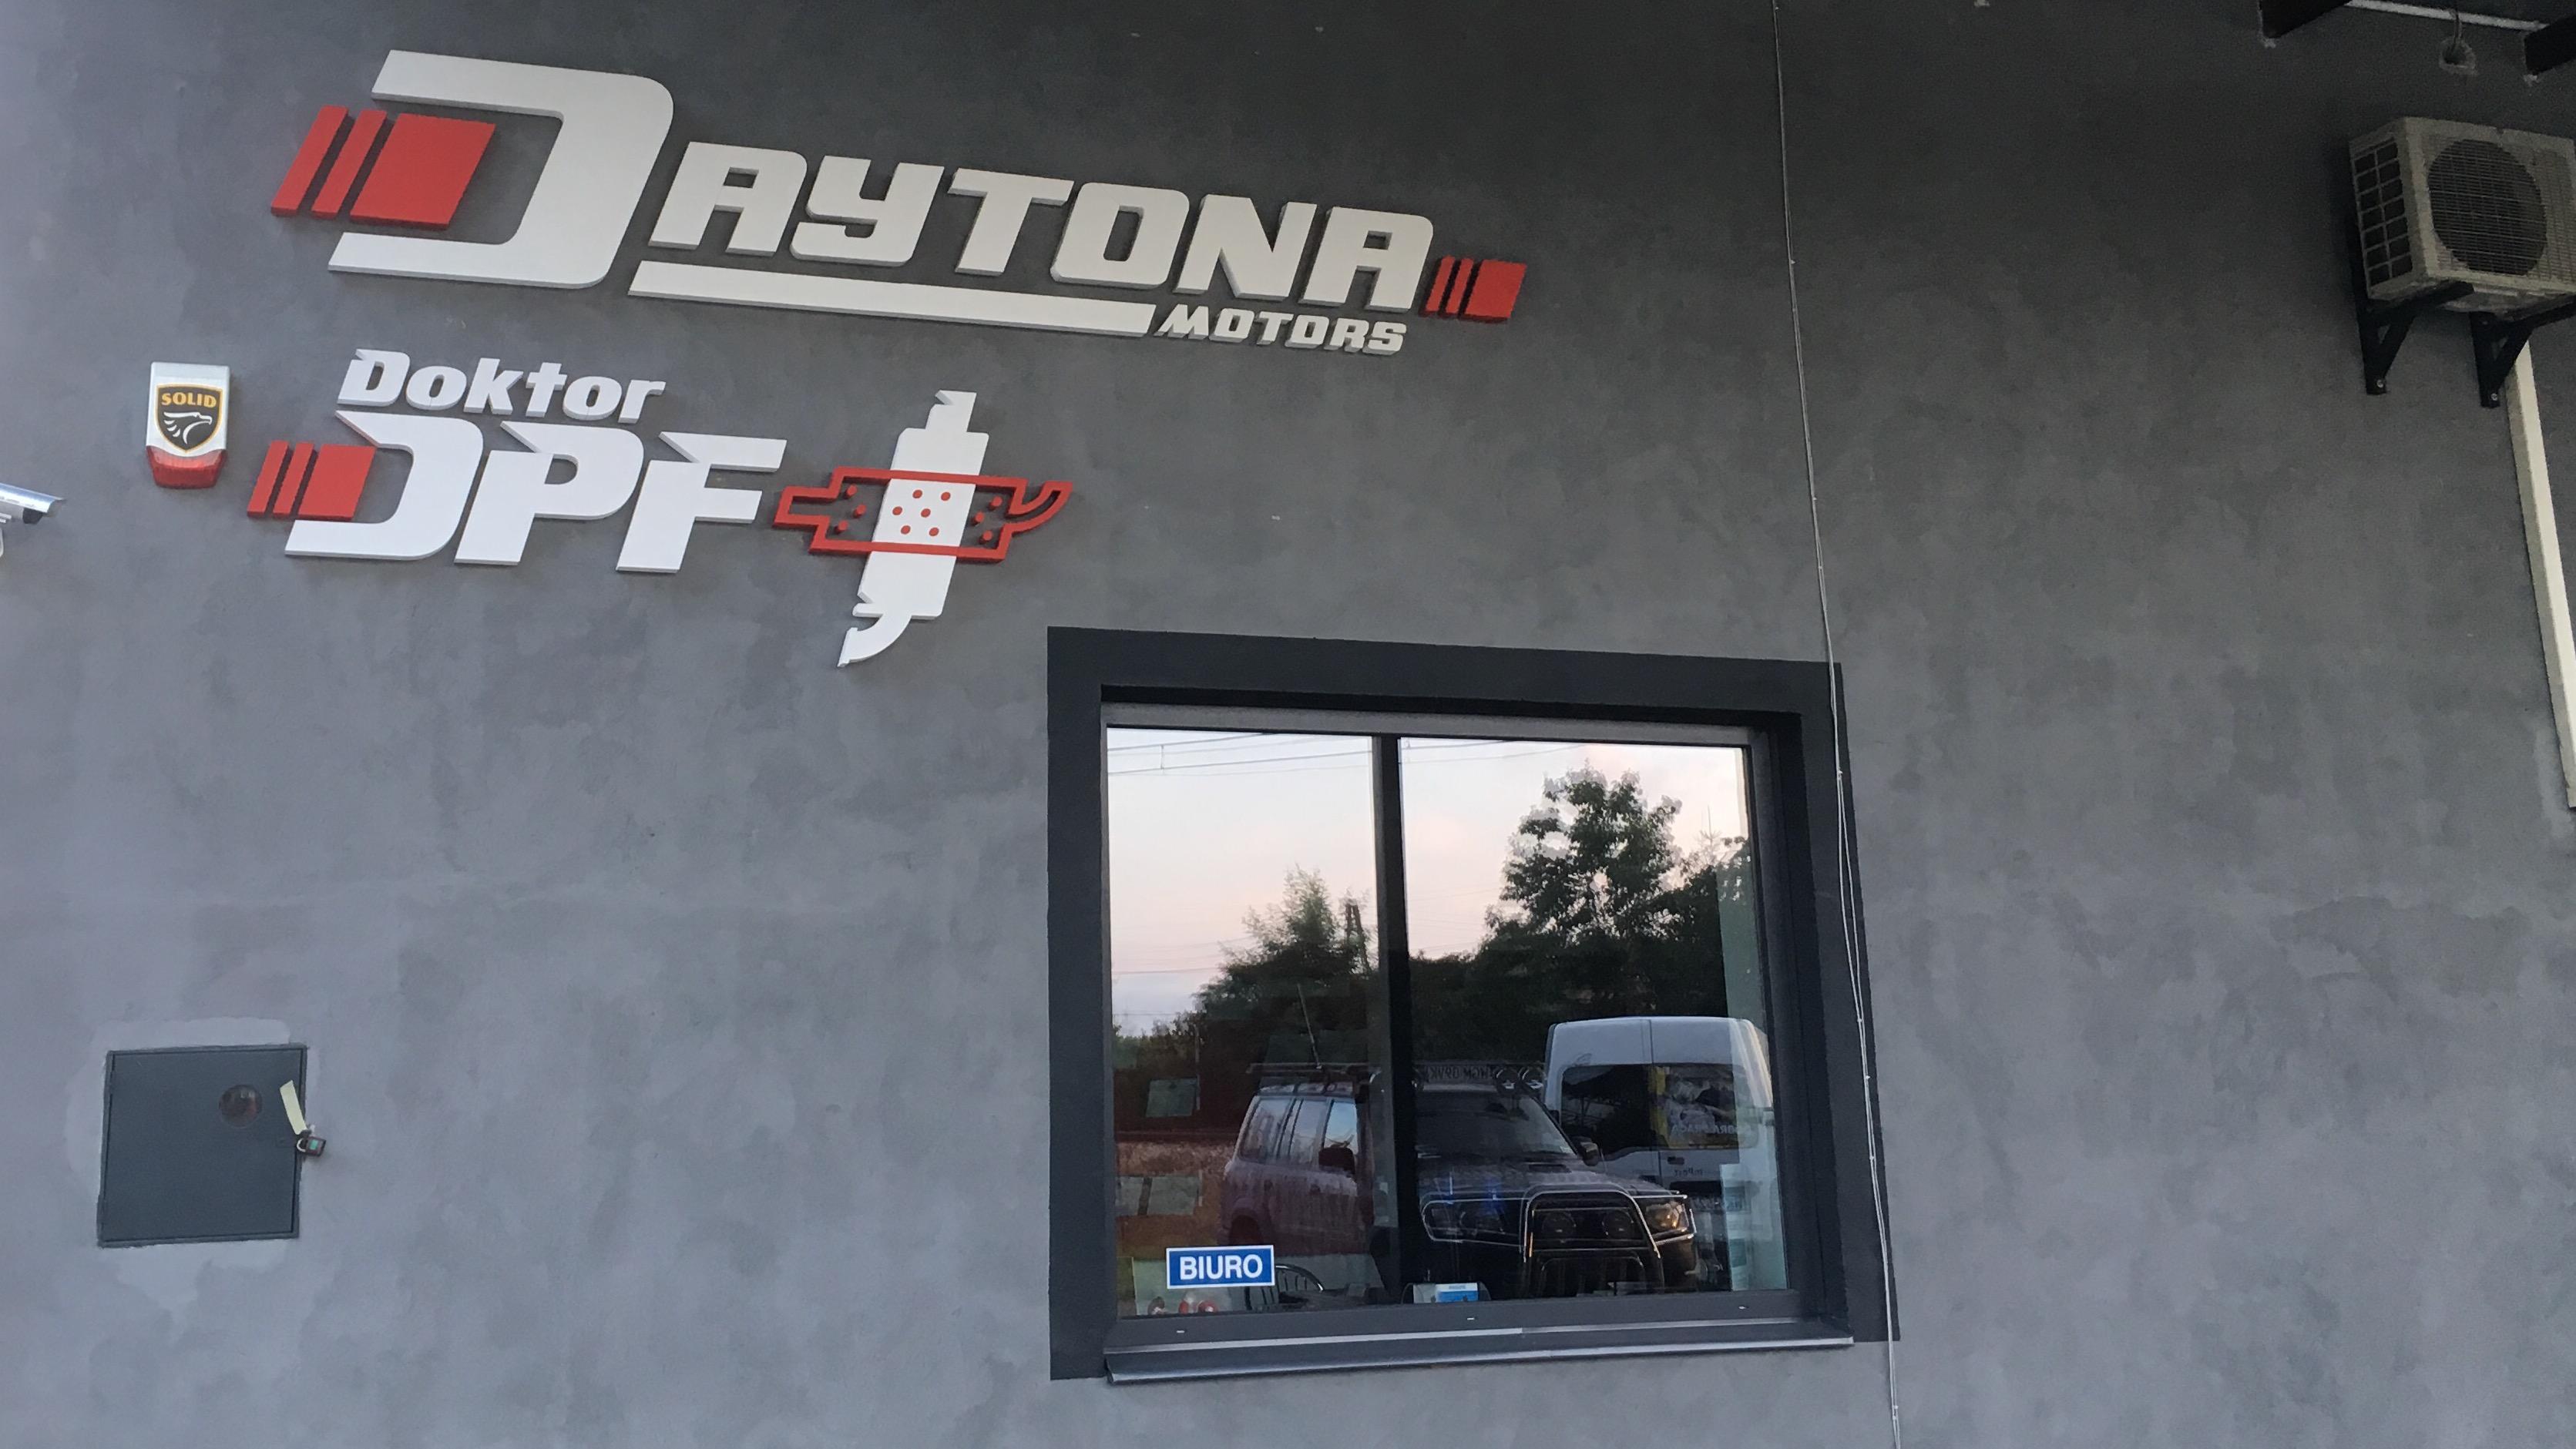 Daytona Motors - Niezależny Serwis Samochodowy Milanówek Grodzisk photo-0